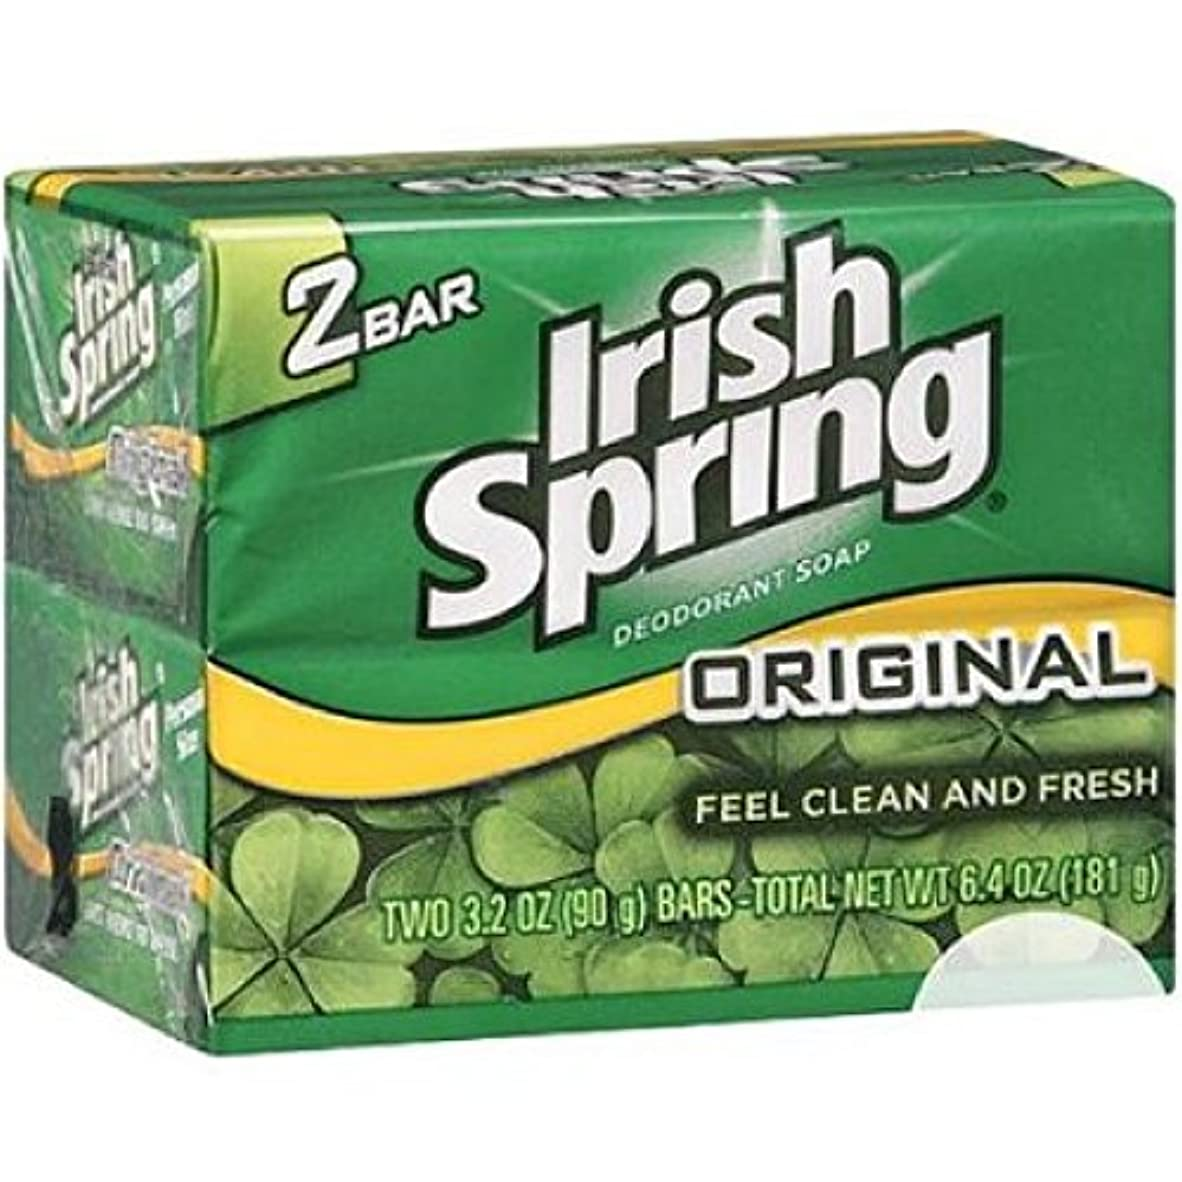 アイザックカップ貪欲Irish Spring オリジナルデオドラント石鹸、3.20オズバー、2 Eaは 8パック